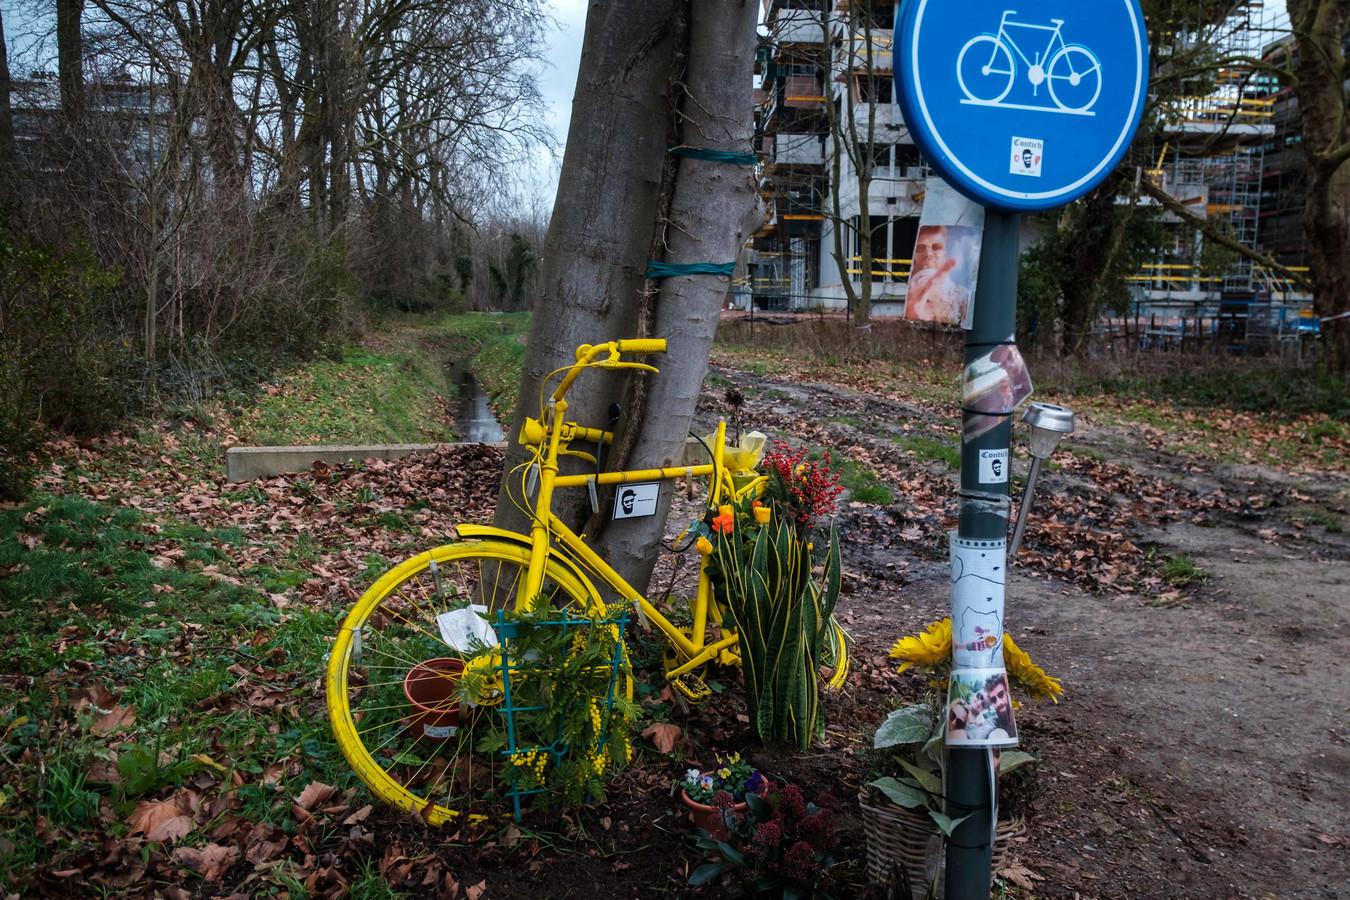 Herdenking voor Michiel Claus die exact een jaar geleden met de fiets verongelukte.